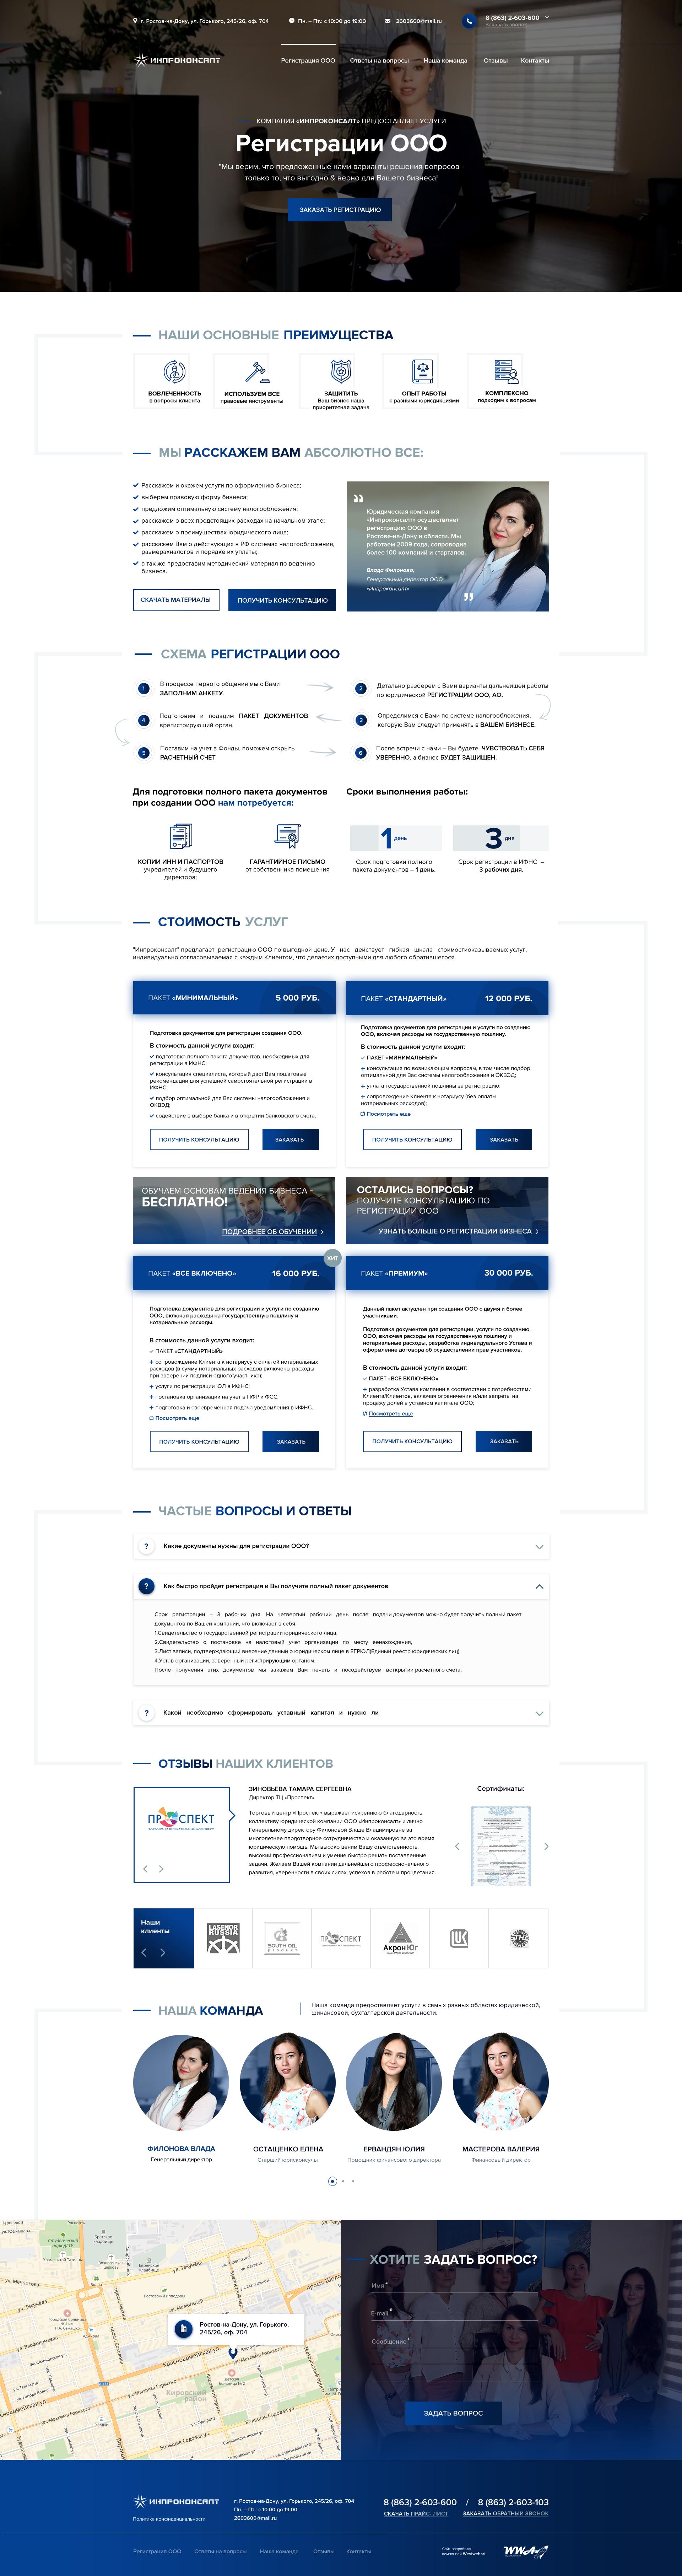 Лендинг юридической компании - регистрация ООО